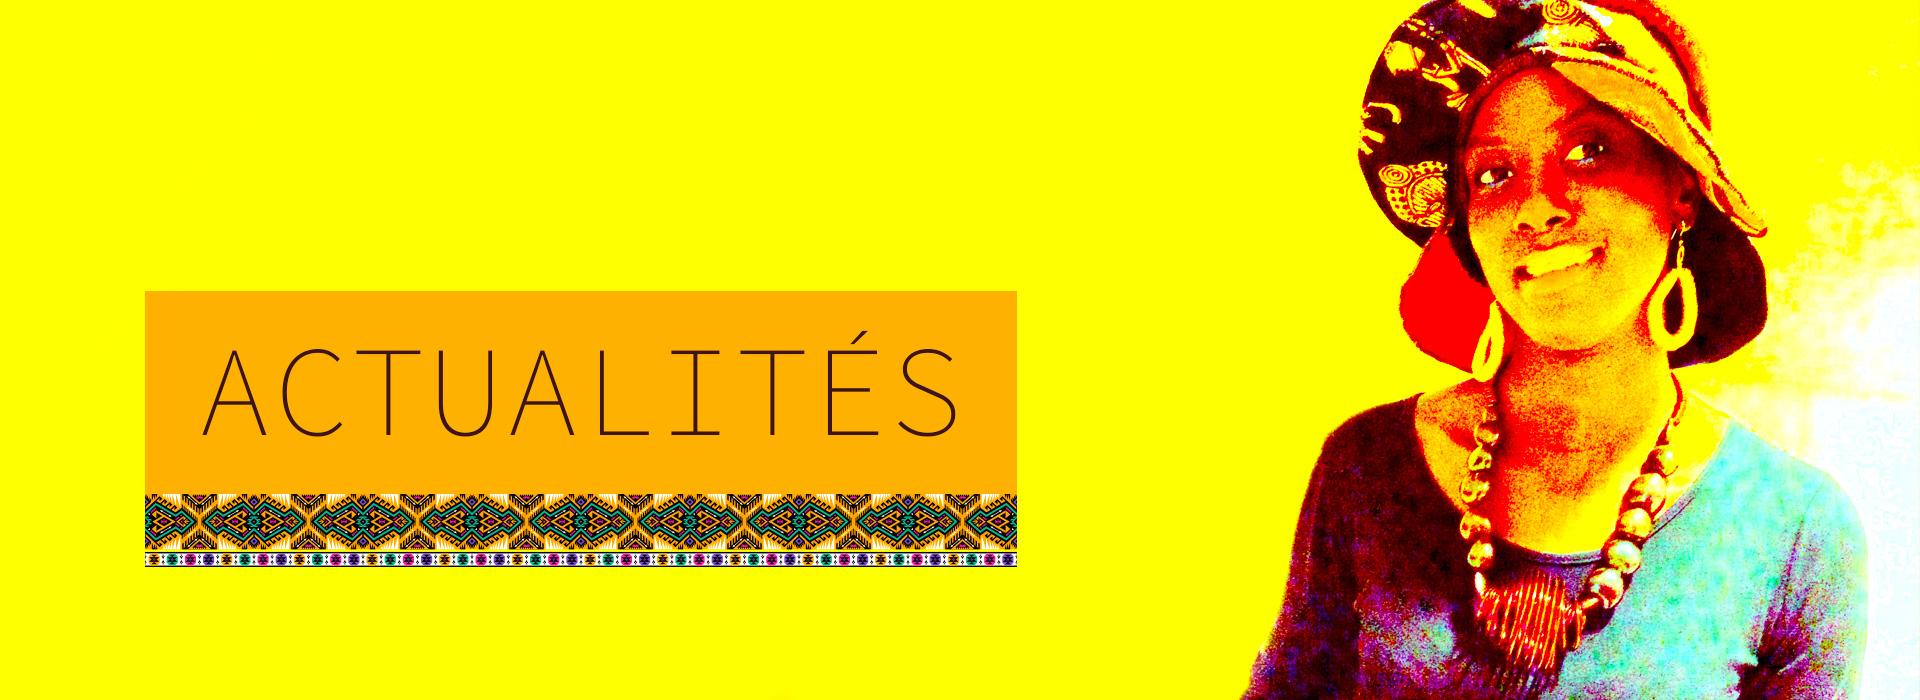 Actualités | Mounaï Créa